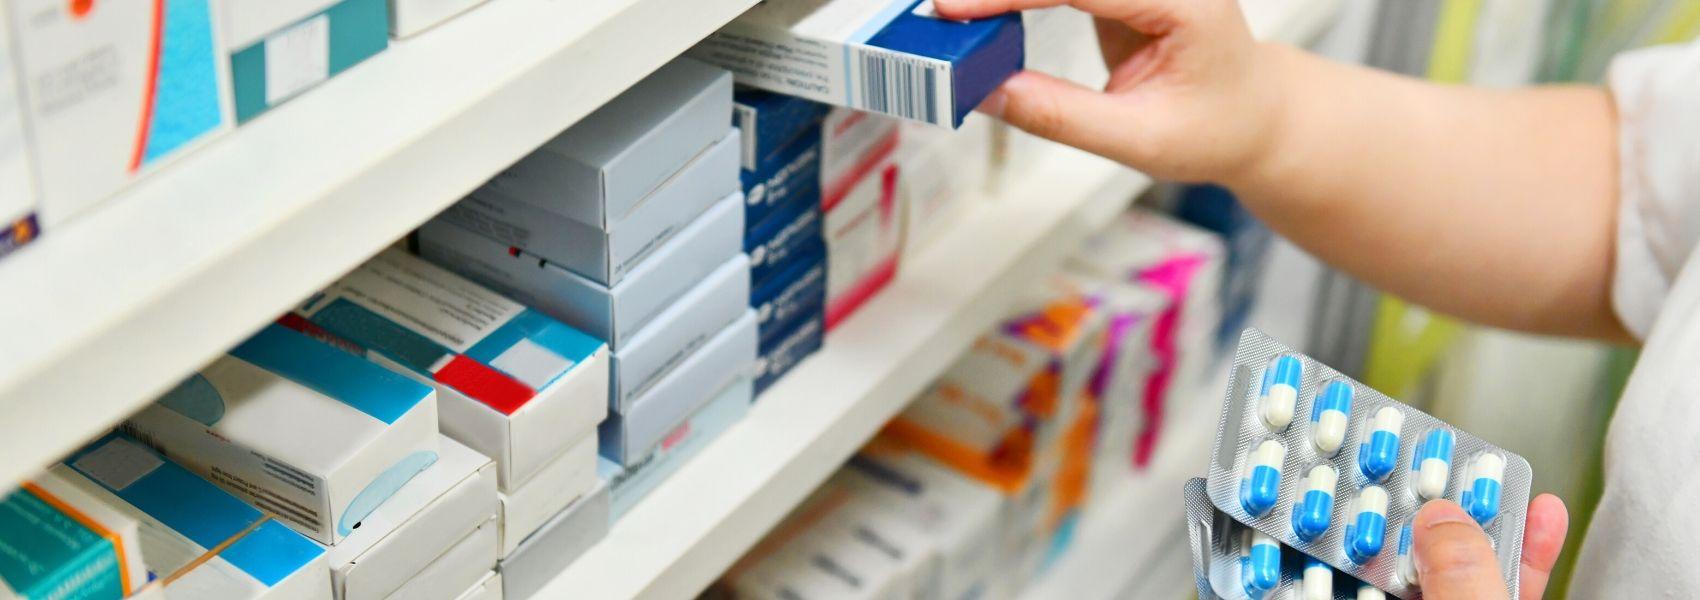 abastecimento de medicamentos